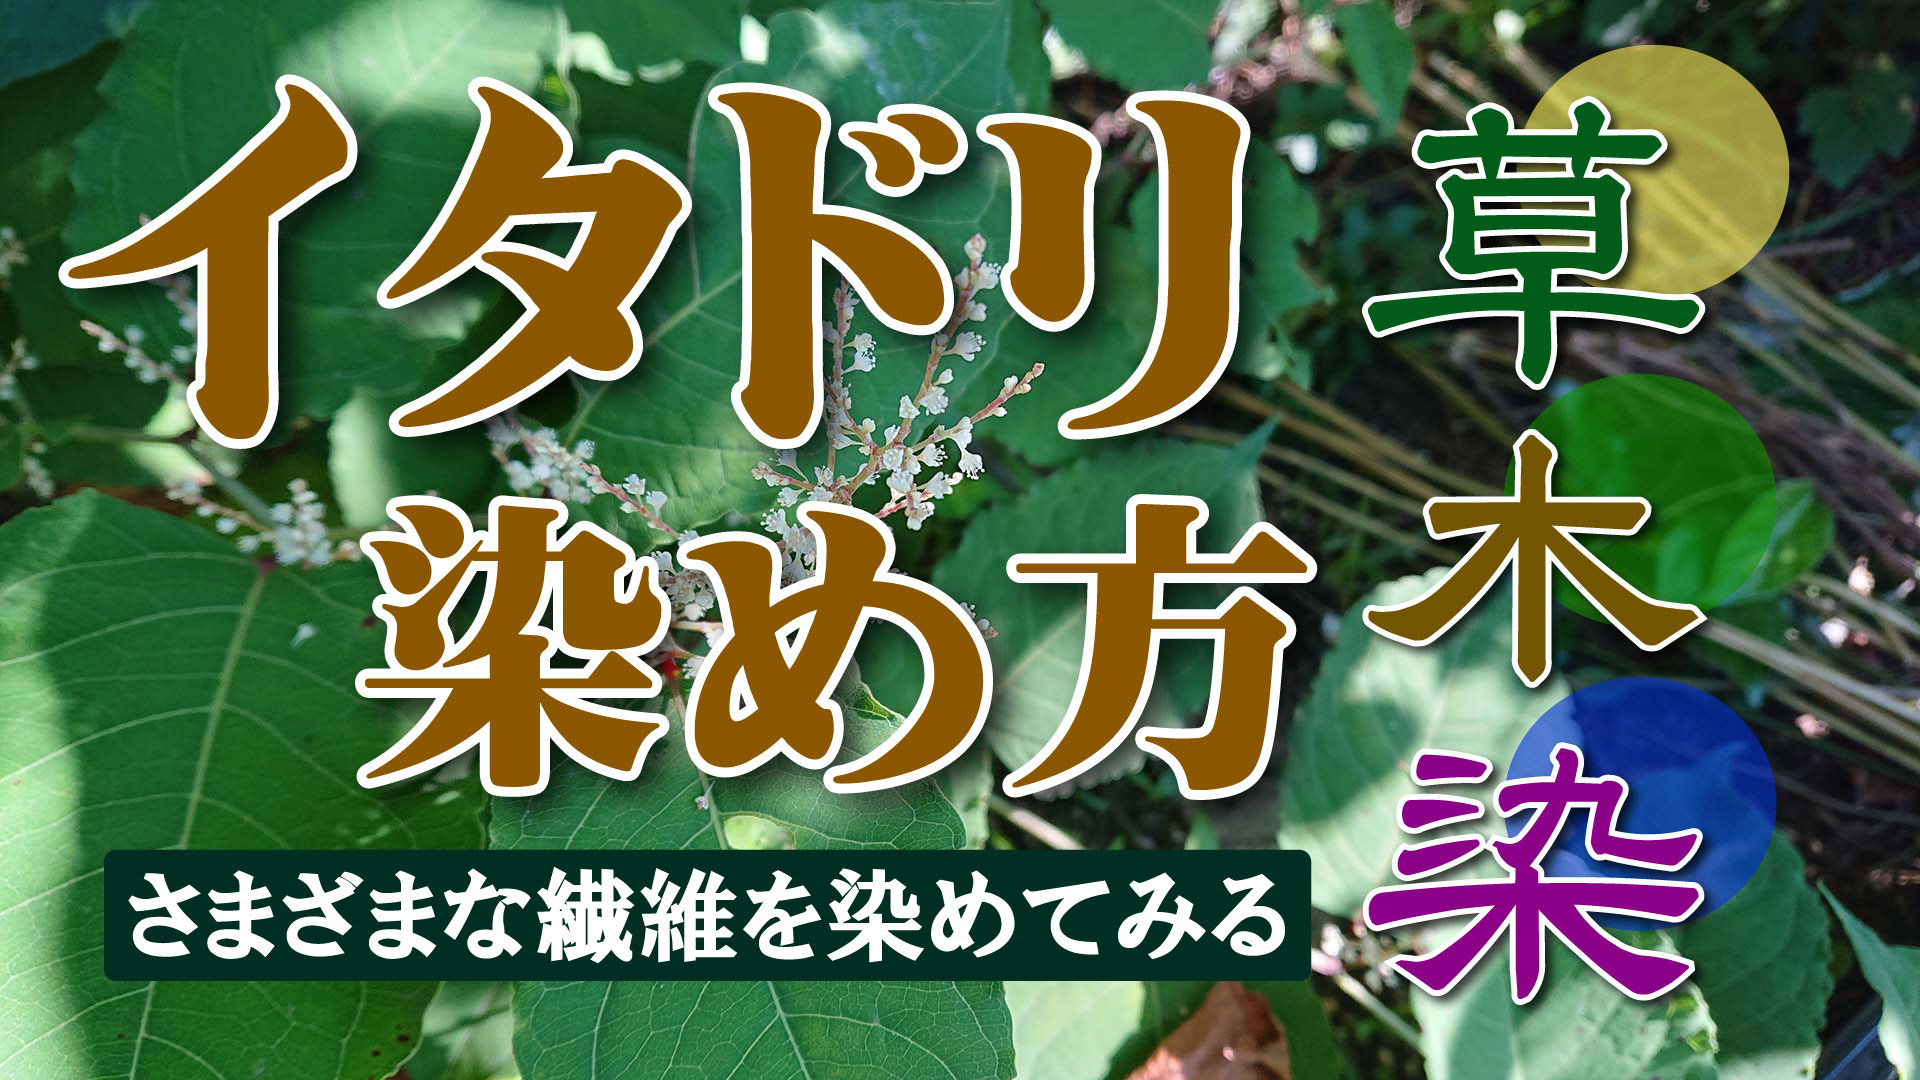 【草木染】イタドリ染め方 中媒染で濃く染める方法